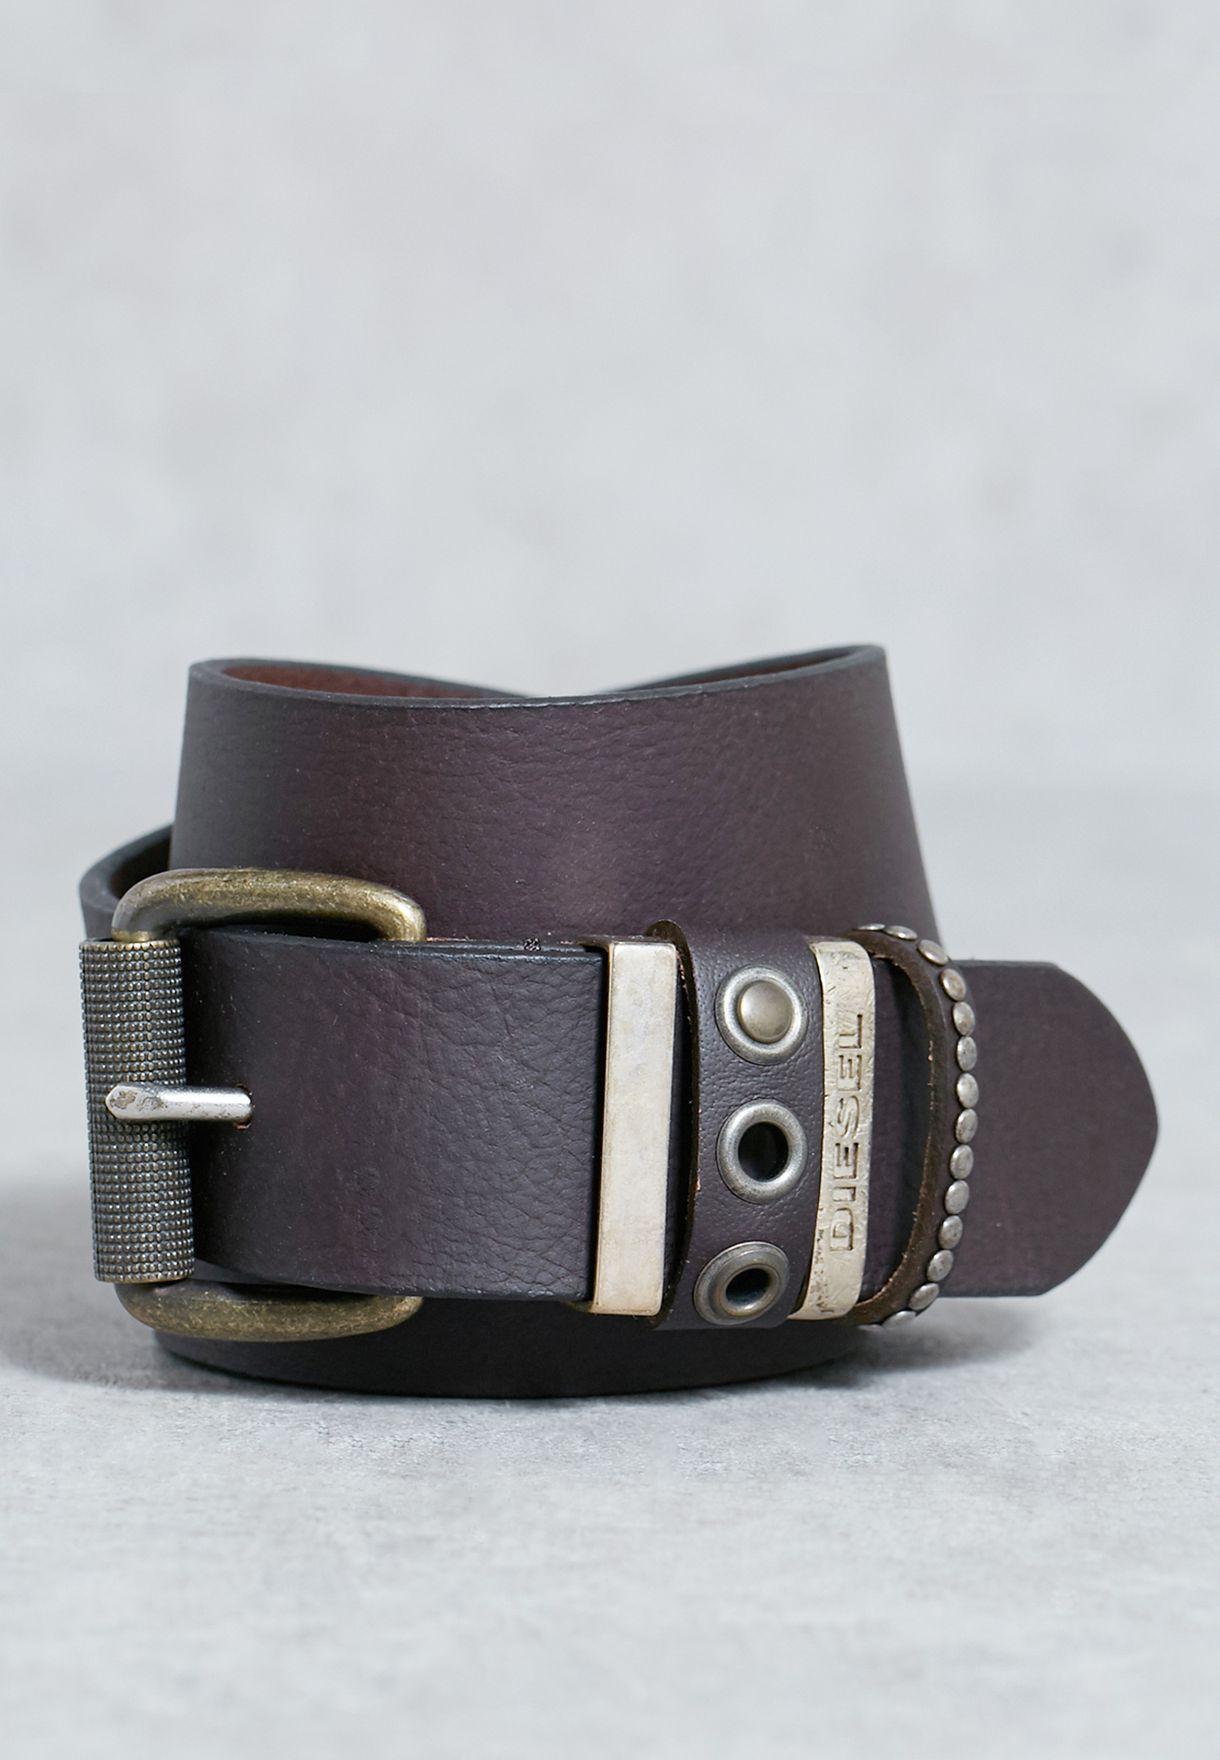 Ive Belt